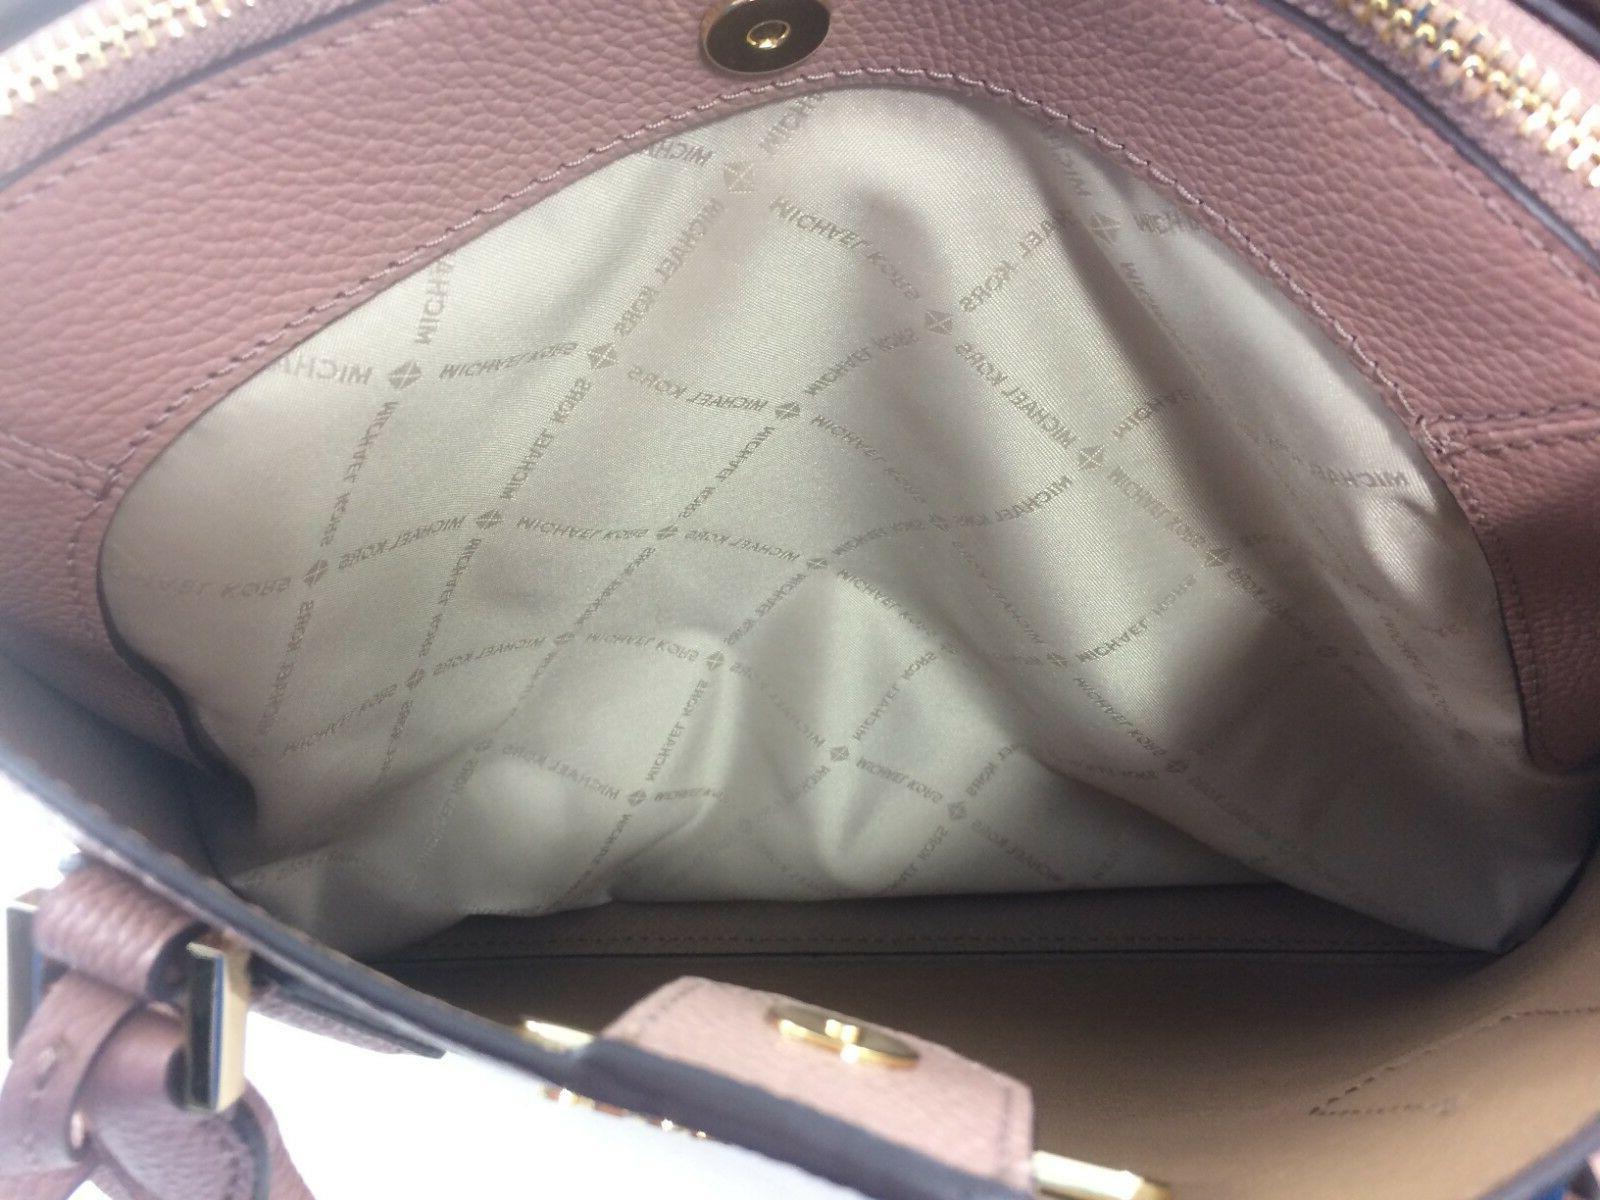 New Authentic Michael Adele Large Handbag Luggage